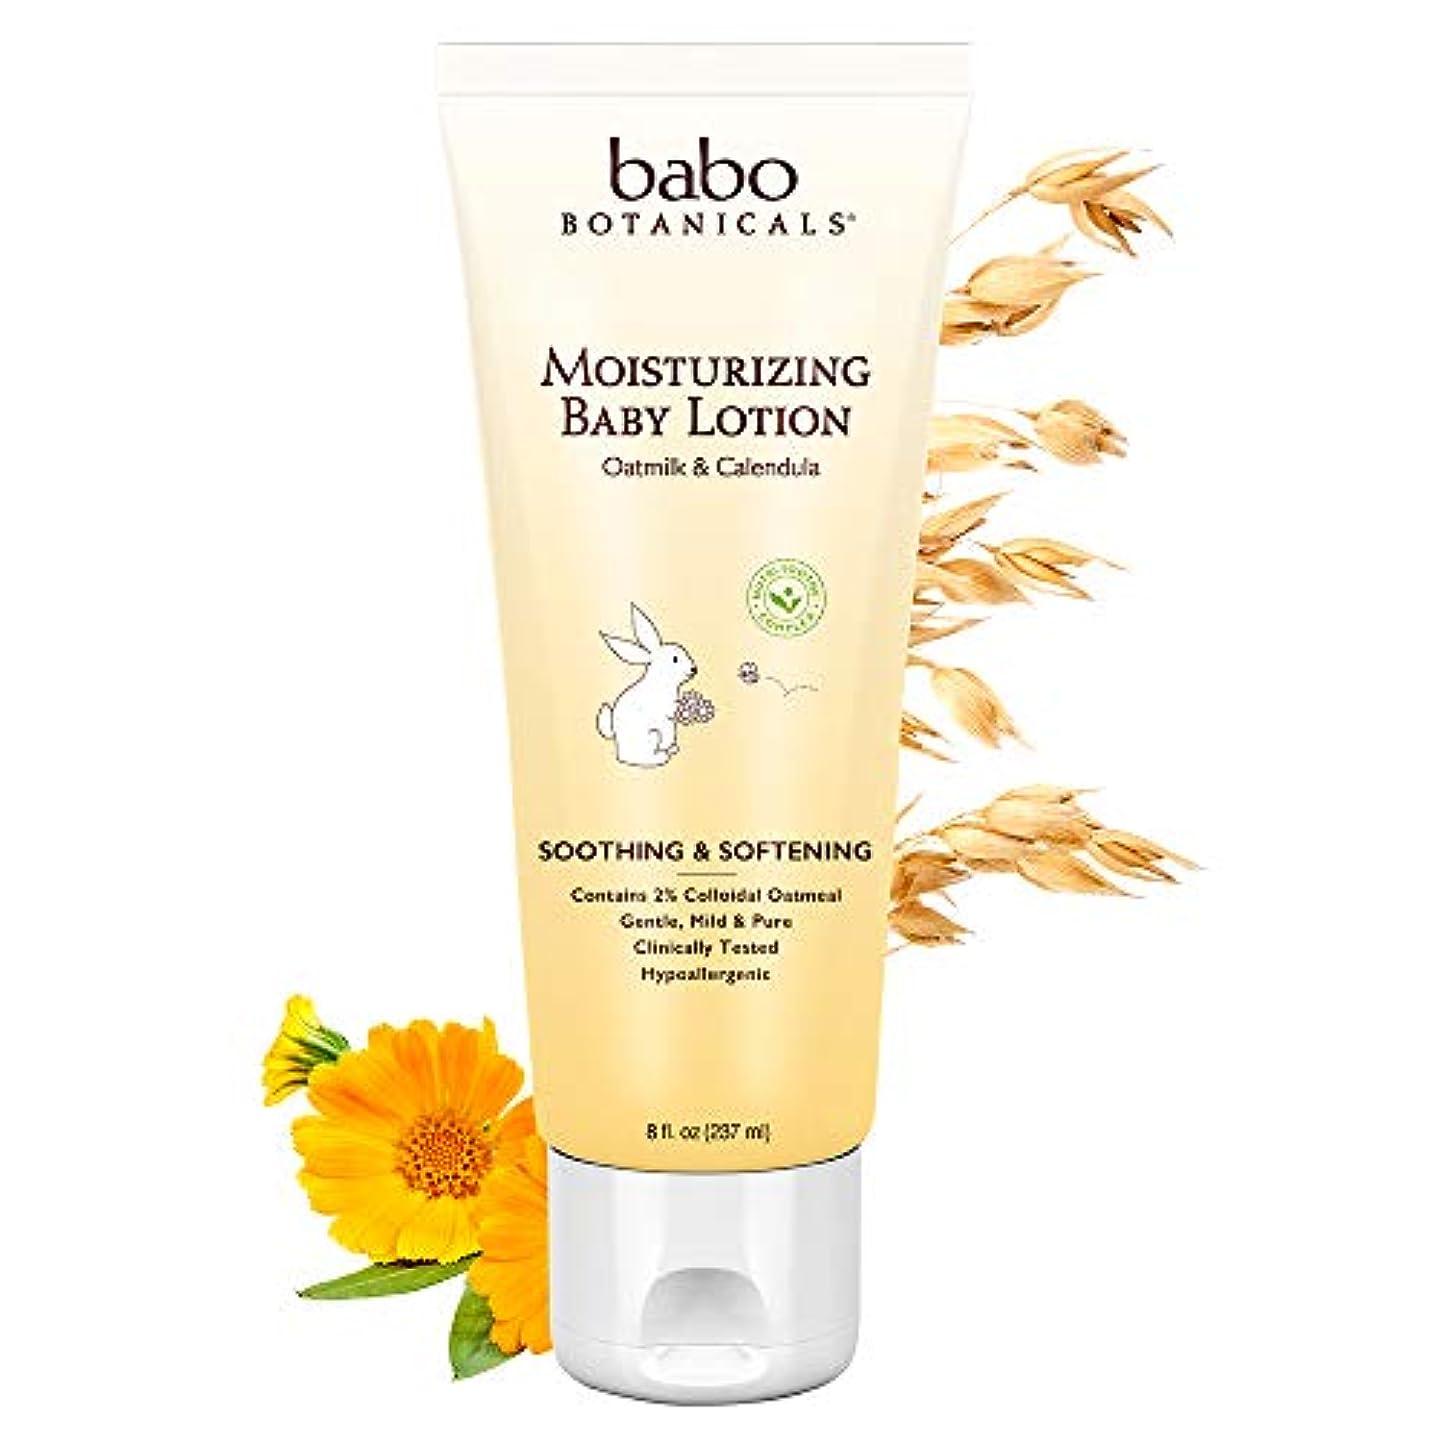 廃止する節約する健康Babo Botanicals Oatmilkカレンデュラ保湿ベビーローション、 - スージング敏感肌のためのベストのベビーローション。アトピー性皮膚炎を和らげるのに役立ちます。ナチュラルオーツとオーガニックカレンデュラ...